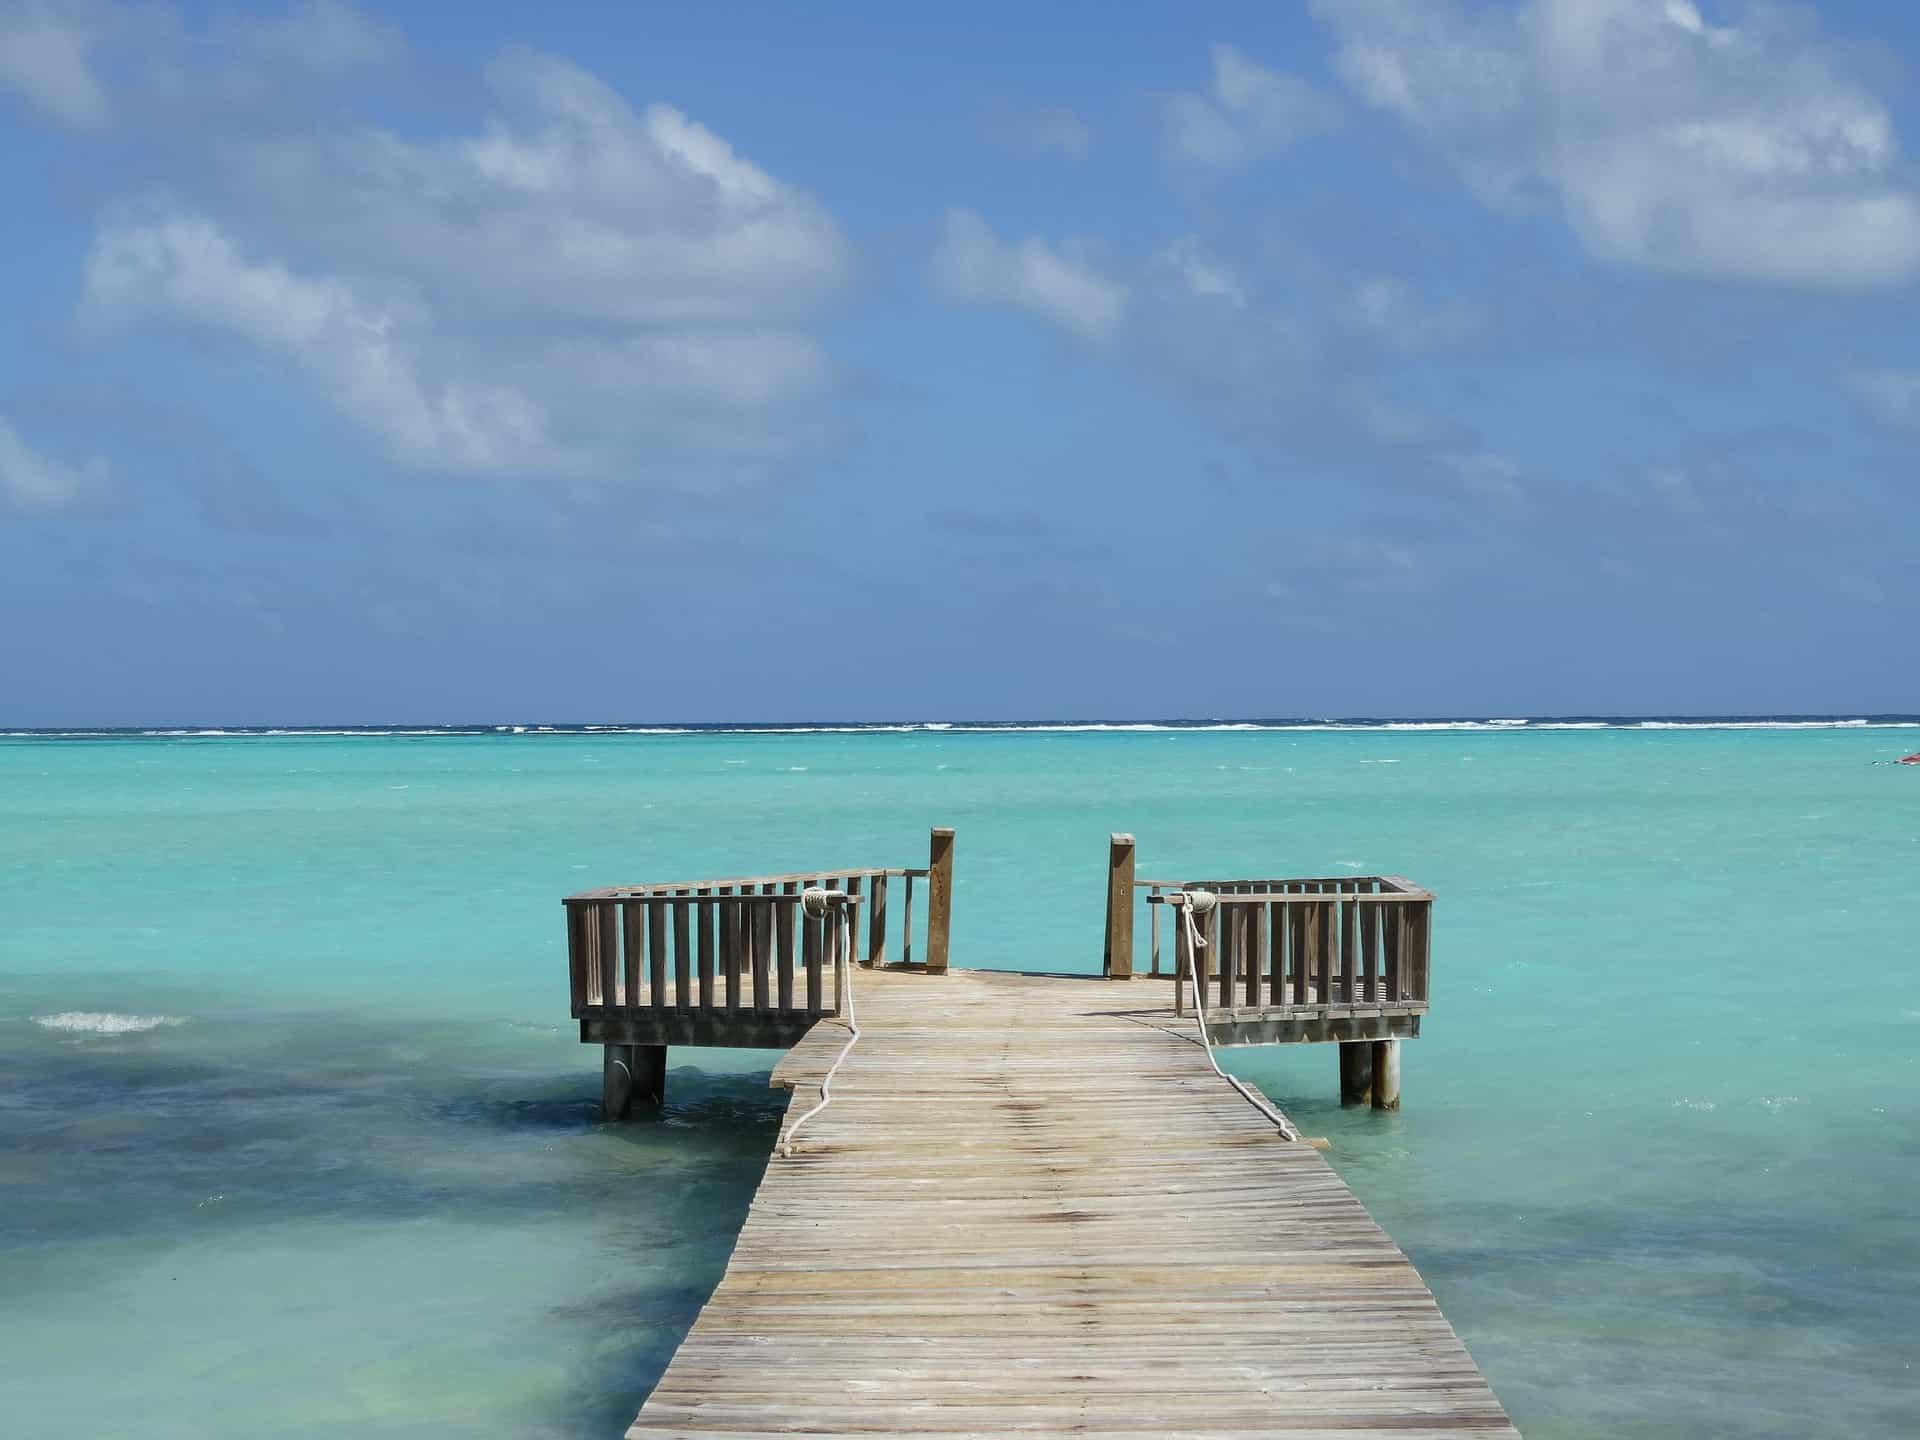 Karibik Reisen – Bonaire Urlaub nur 1189,00€ Niederländische Antillien